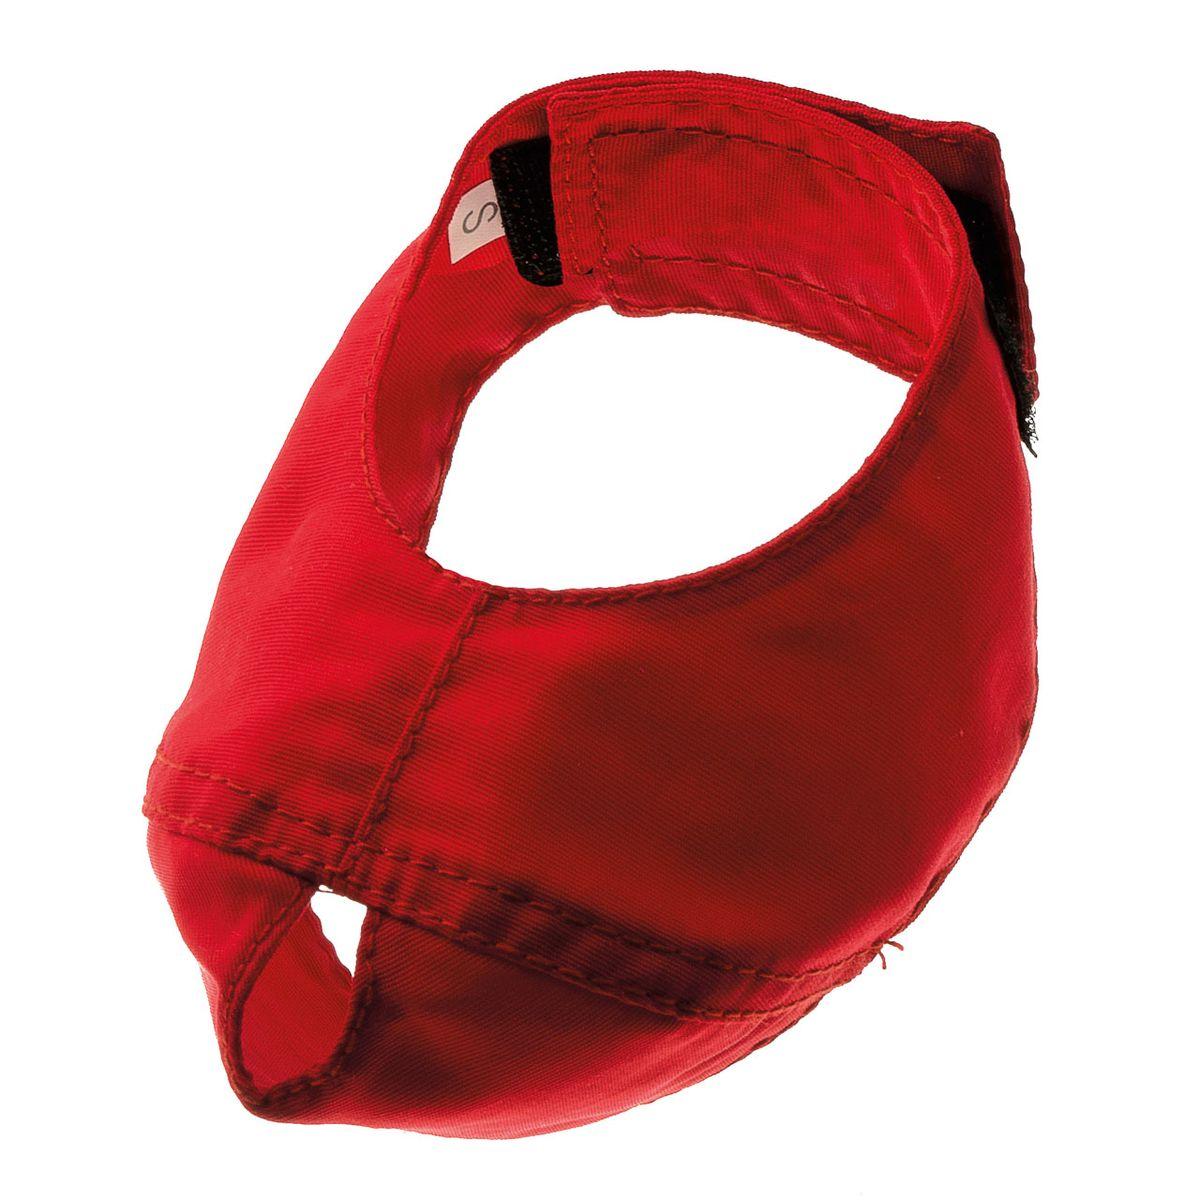 Намордник для кошки V.I.Pet, цвет: красный. Размер SPMK-1SНамордник для кошки V.I.Pet выполнен из прочного нейлона, застегивается на липучку. Намордник не позволяет кусать и жевать, а кошка не может его снять лапами.Можно стирать в стиральной машине.Обхват морды: 20 см.